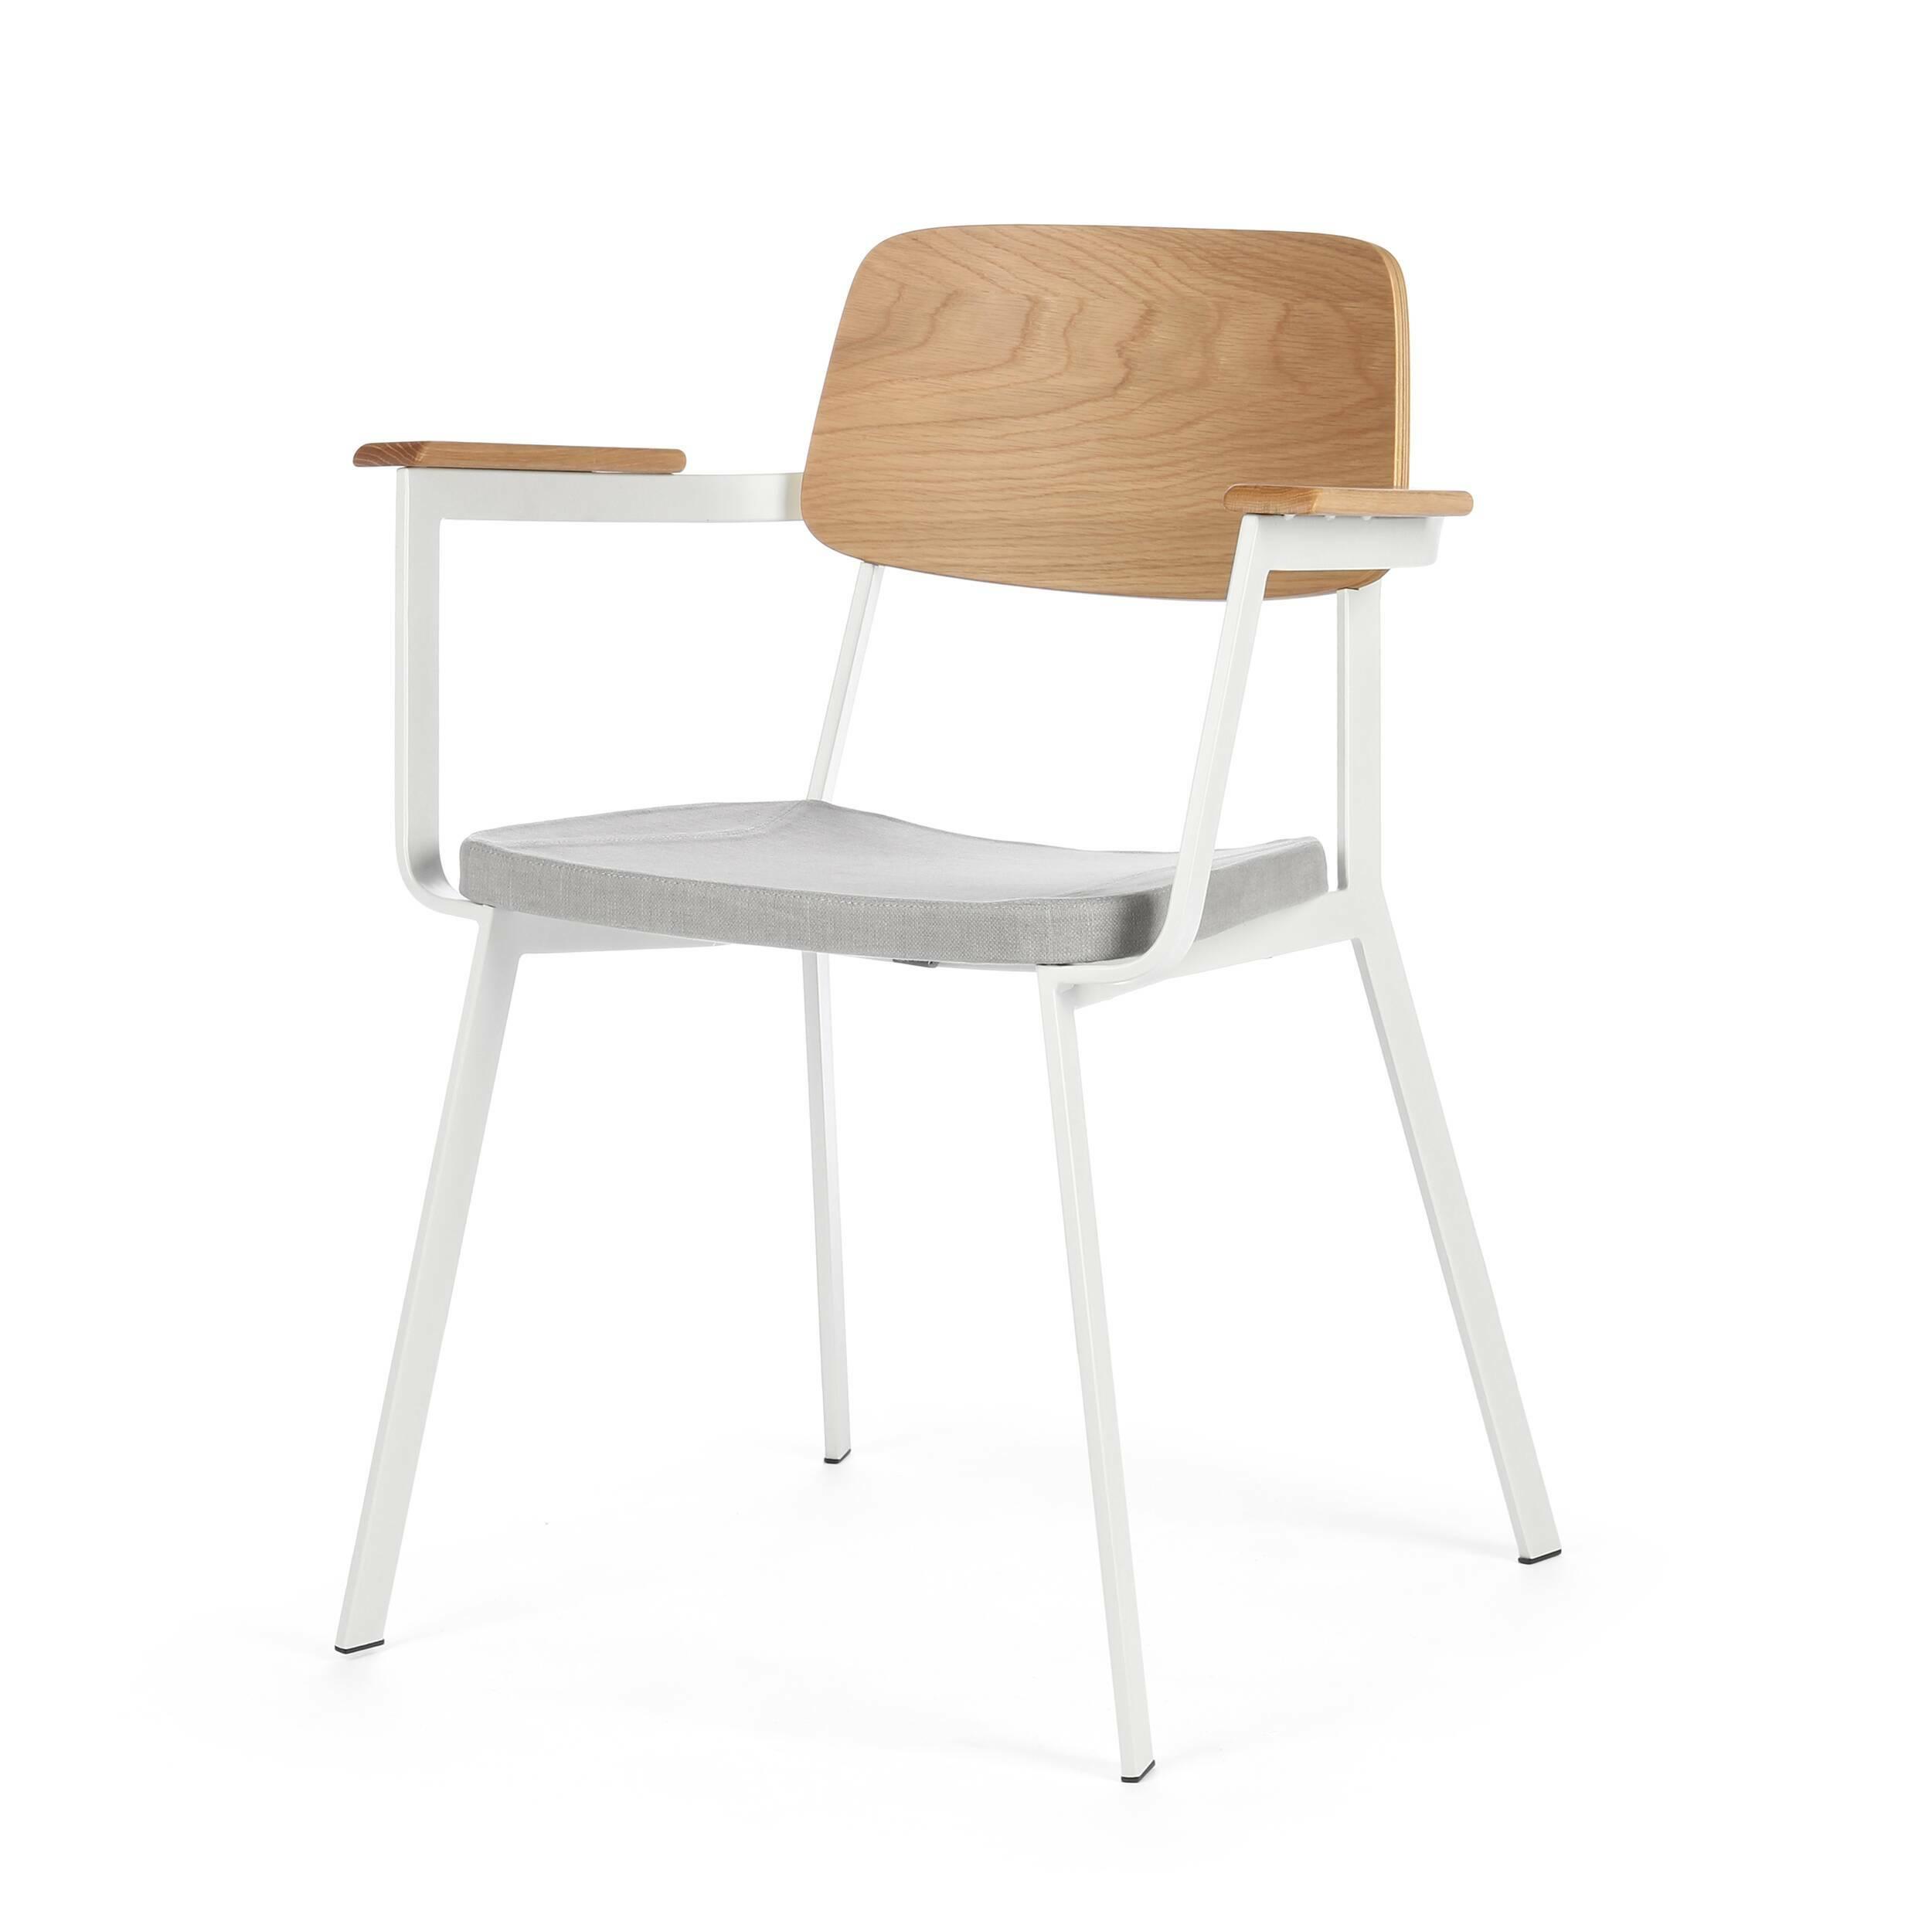 Стул Gauge с подлокотникамиИнтерьерные<br>Дизайнерский легкий стул Gauge (Гаудж) с подлокотниками из металла и дерева с мягким сиденьем от Cosmo (Космо).<br><br> Стул Gauge с подлокотниками — это отличный вариант дизайнерской функциональной мебели для современного типа интерьеров. Стул отличается легкой и простой формой и отсутствием лишних деталей — то что надо, чтобы дополнить интерьер и не перегружать его излишним декором или цветовыми сочетаниями. На выбор предлагаются два цветовых варианта: элегантное сочетание черной кожи и благоро...<br><br>stock: 1<br>Высота: 80<br>Высота сиденья: 45<br>Ширина: 63<br>Глубина: 53<br>Цвет спинки: Дуб<br>Материал спинки: Фанера, шпон дуба<br>Тип материала каркаса: Сталь<br>Материал сидения: Хлопок, Лен<br>Цвет сидения: Светло-серый<br>Тип материала спинки: Дерево<br>Тип материала сидения: Ткань<br>Коллекция ткани: Ray Fabric<br>Цвет каркаса: Белый